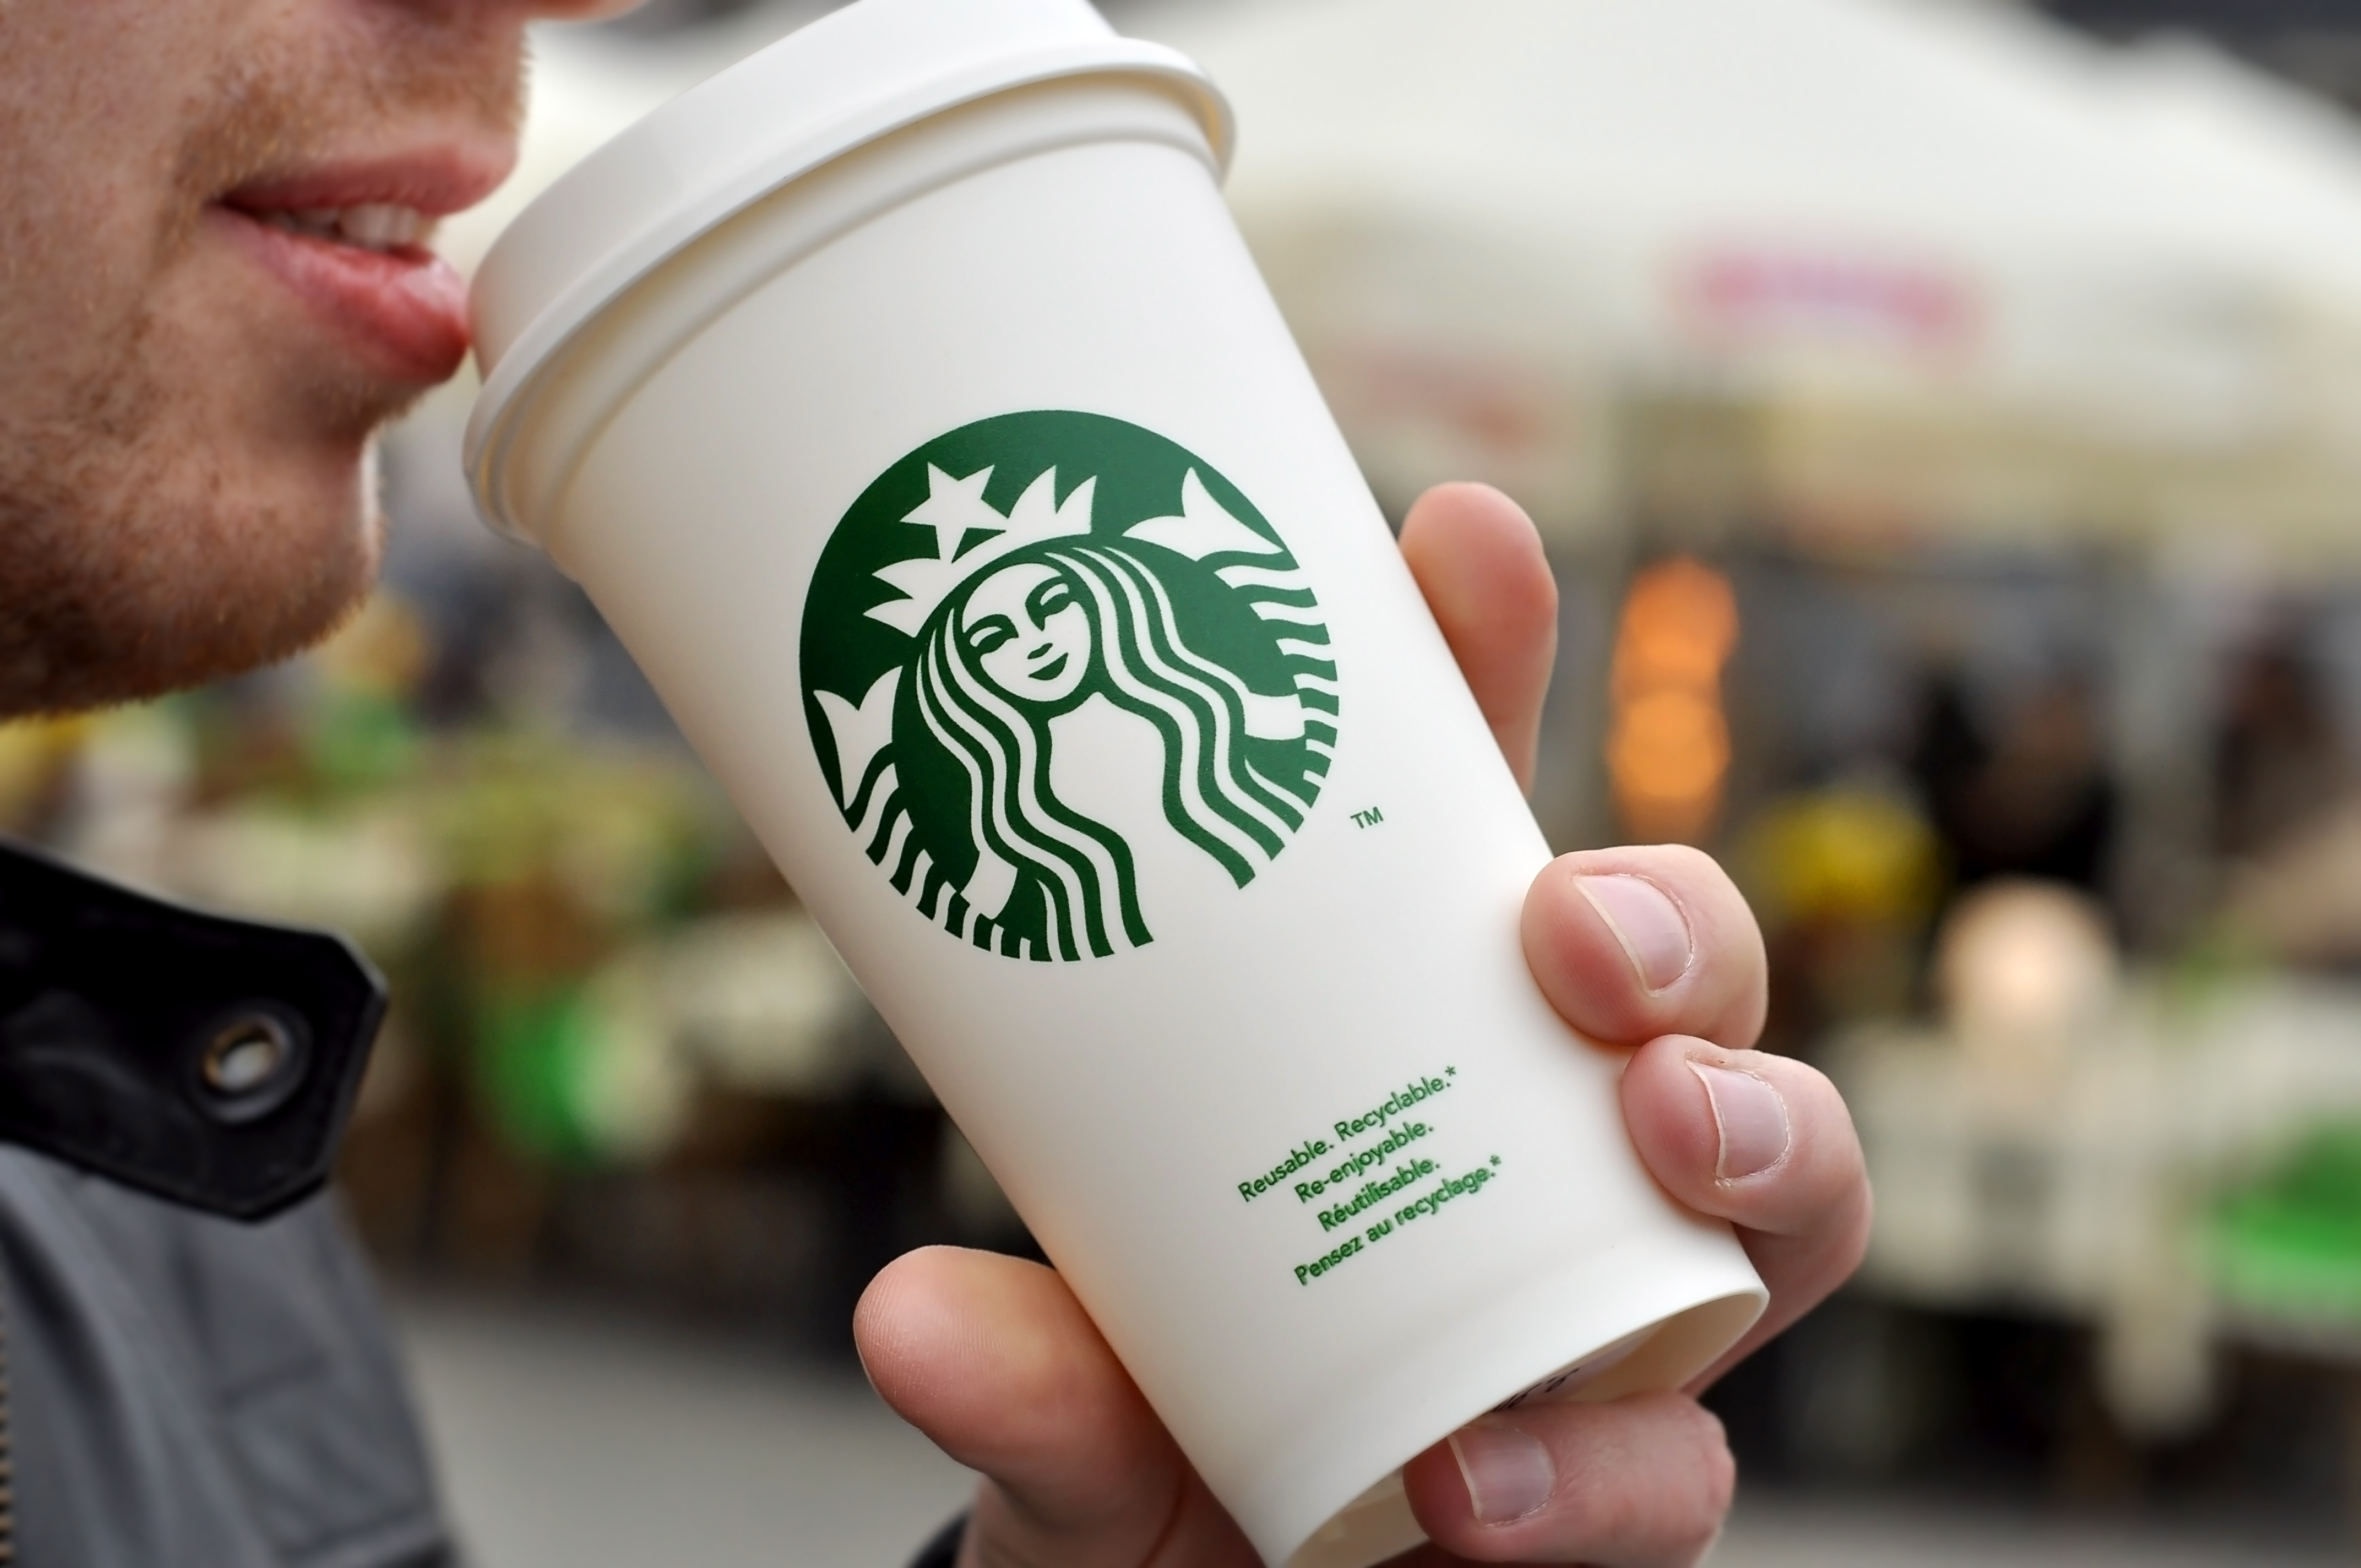 Смогут ли спасти природу новые стаканчики от Starbucks за $10 млн?